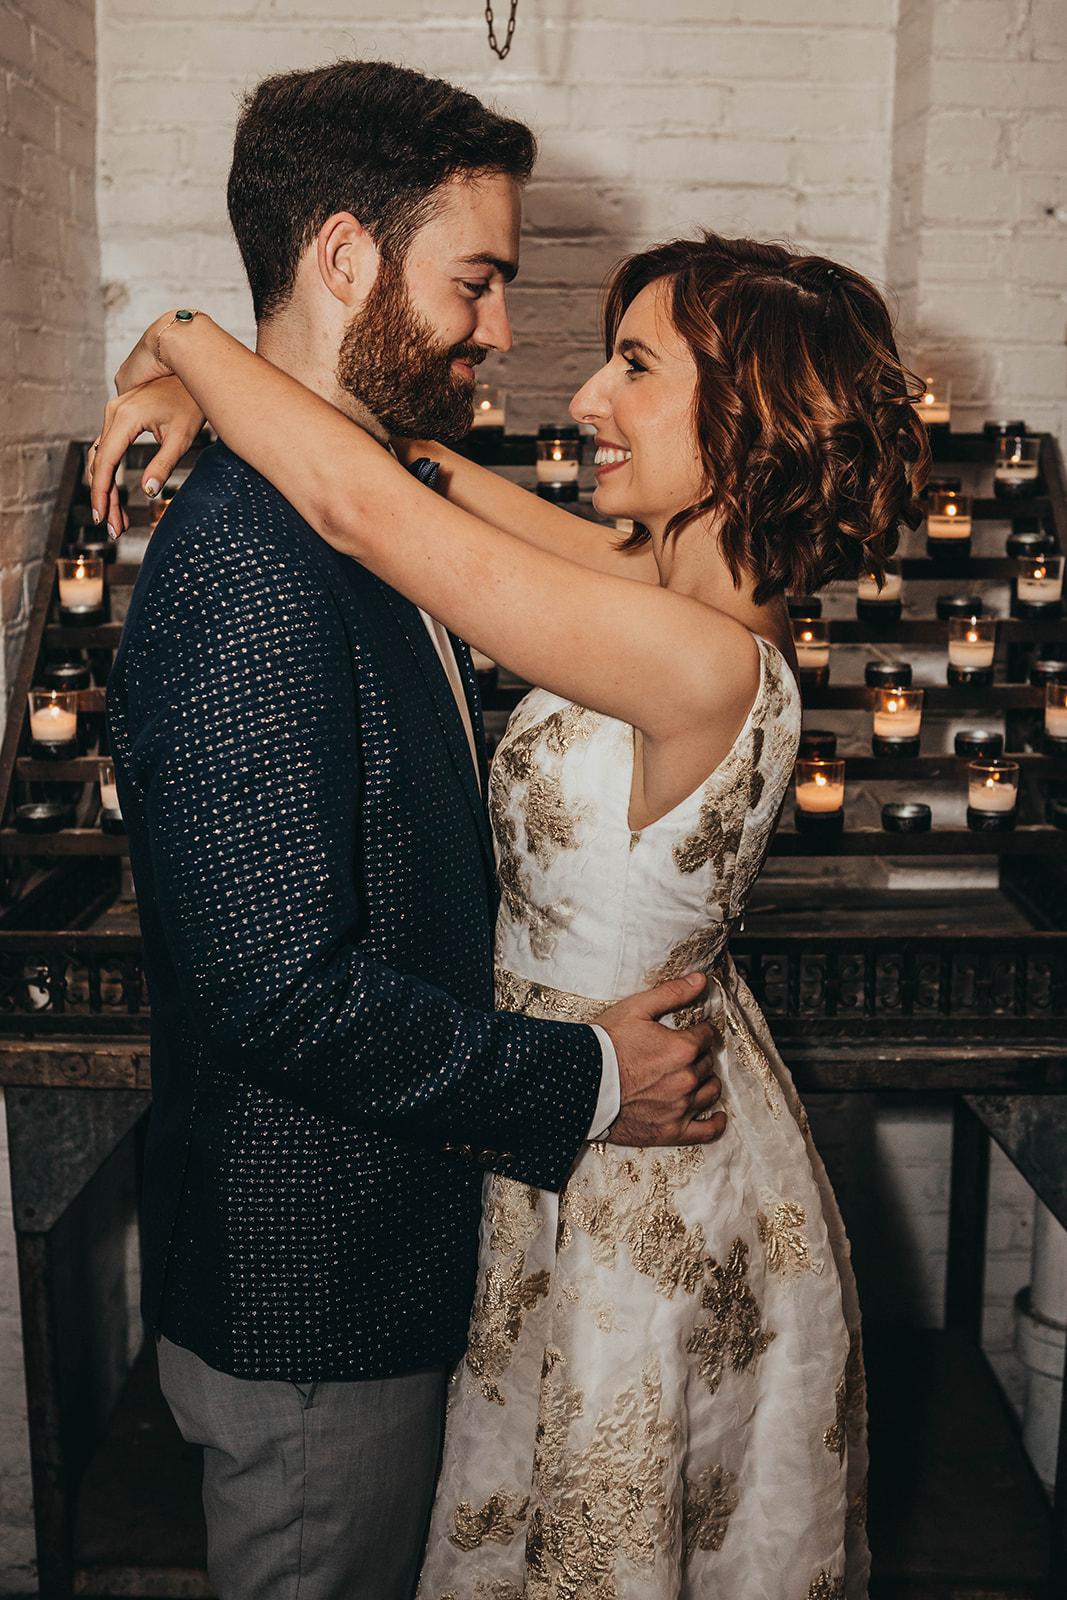 gold and white rehearsal dinner dress ideas ny wedding dress designer-34.jpg